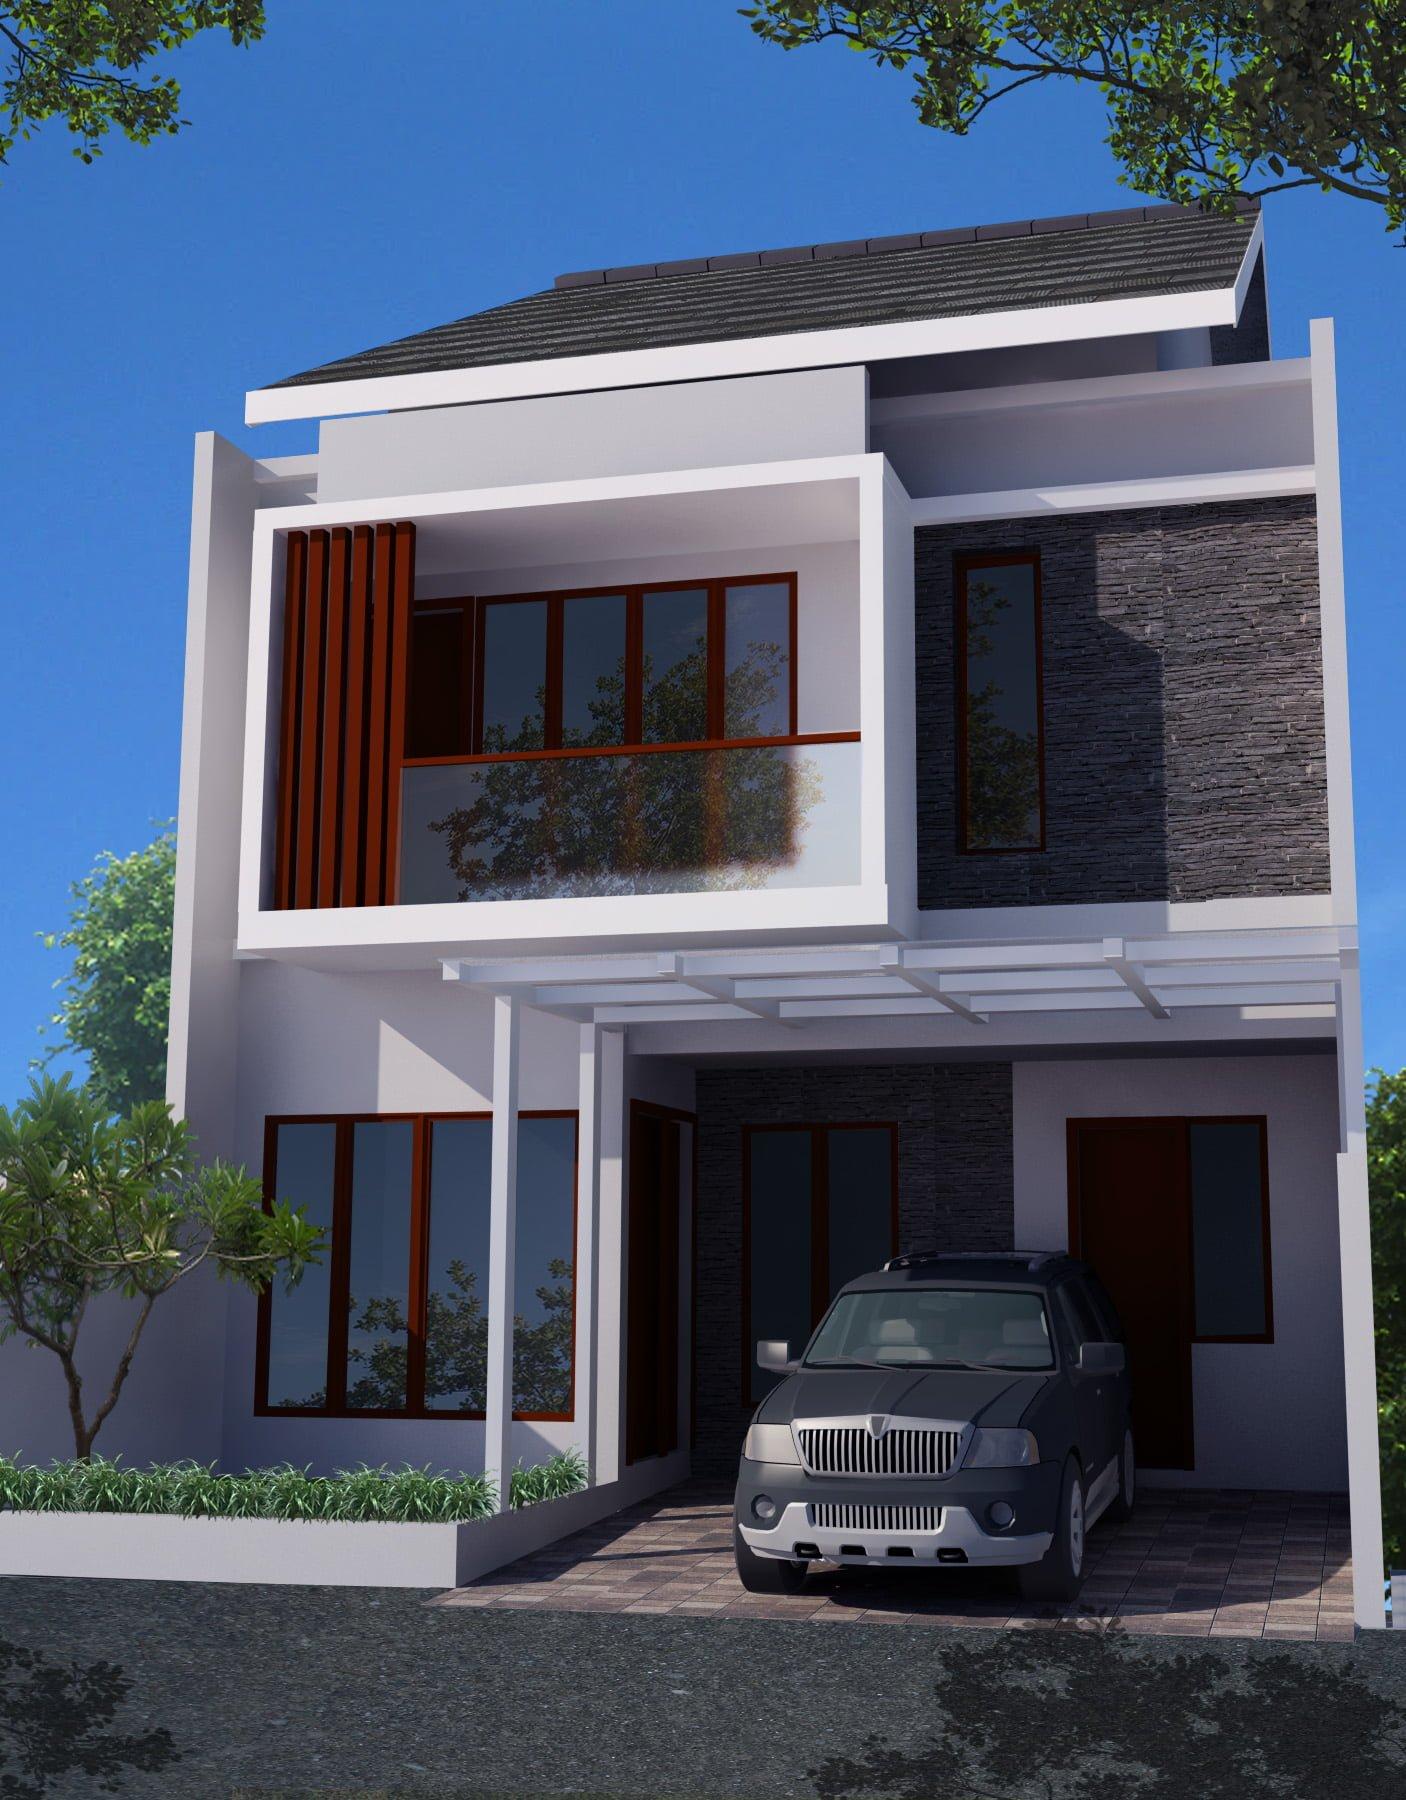 94 Ragam Desain Rumah Minimalis 2 Lantai Luas Tanah 60 Meter Terbaik Masa Kini Deagam Design